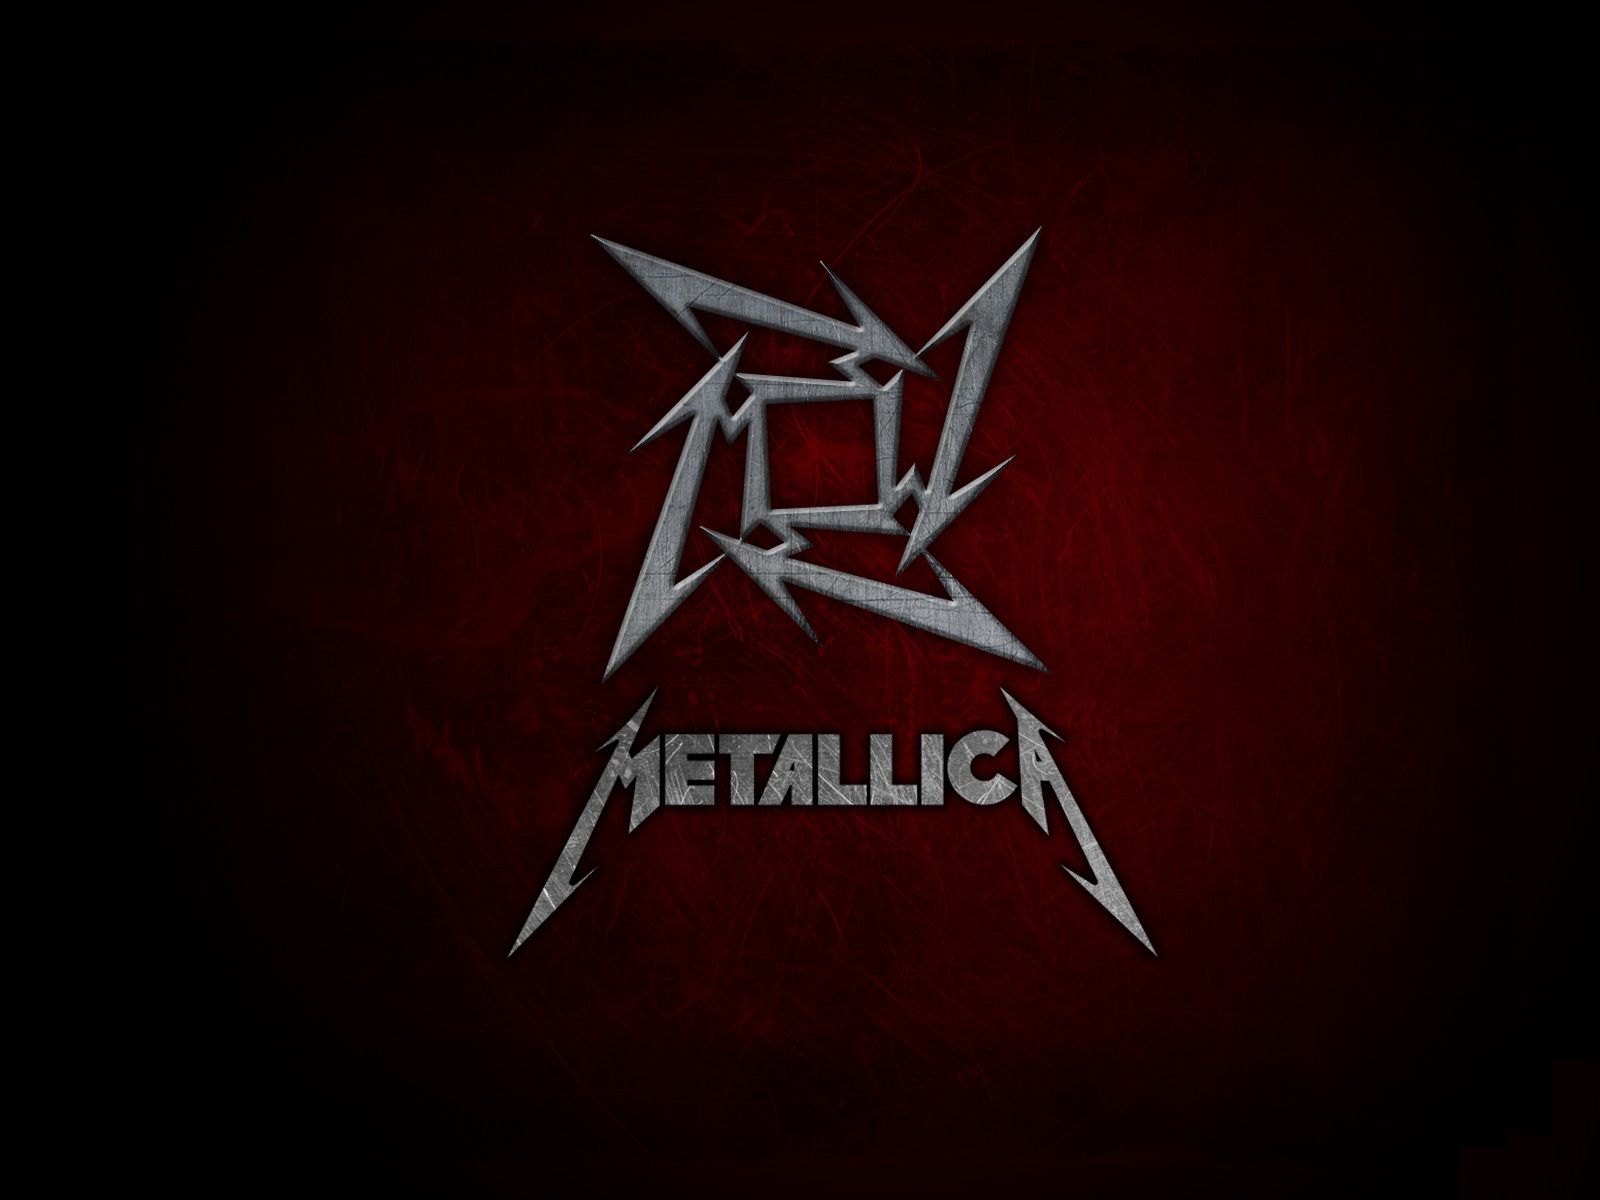 The Best Metallica Wallpapers 1600x1200